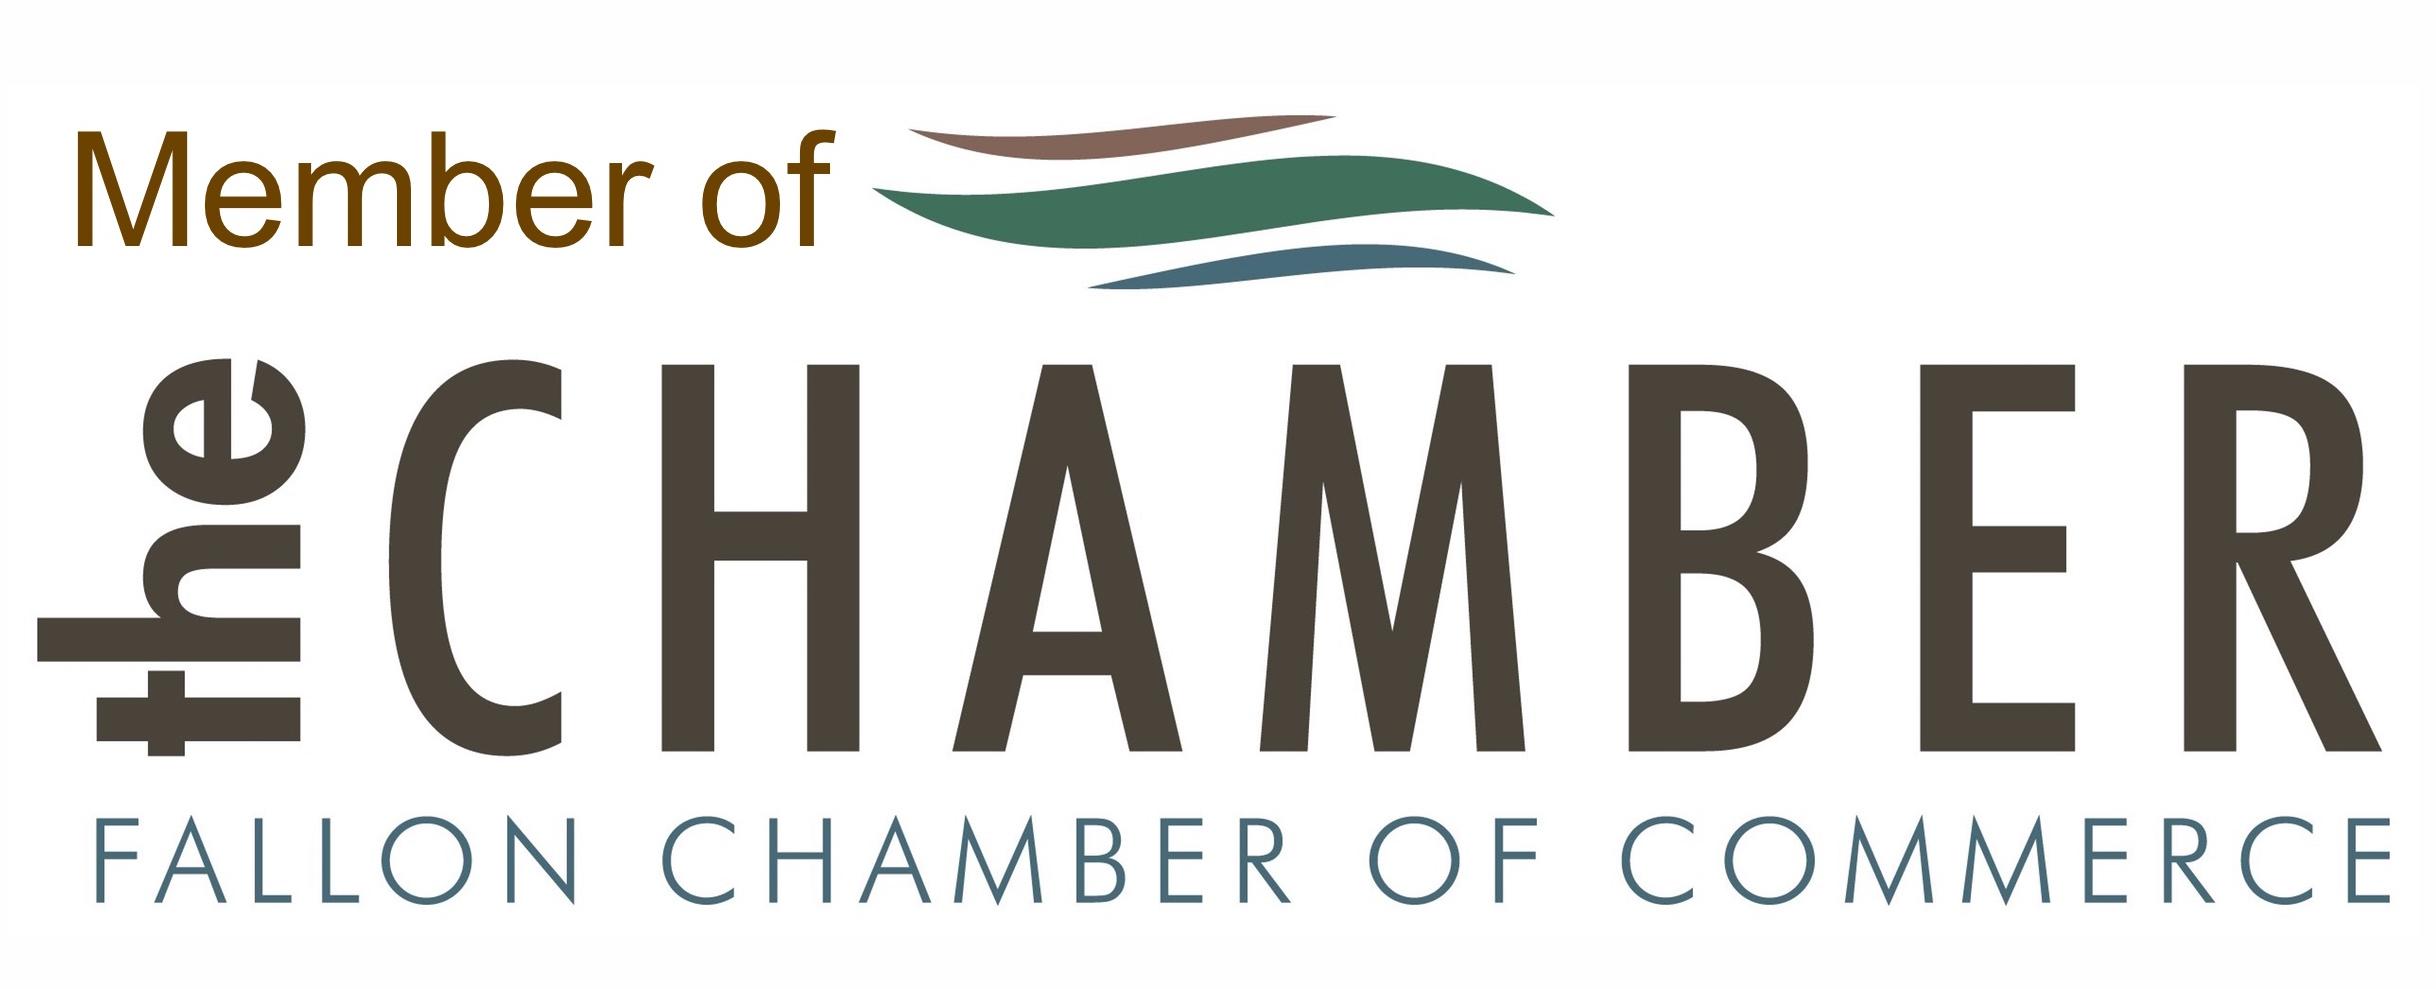 Member of Fallon Chamber.jpg